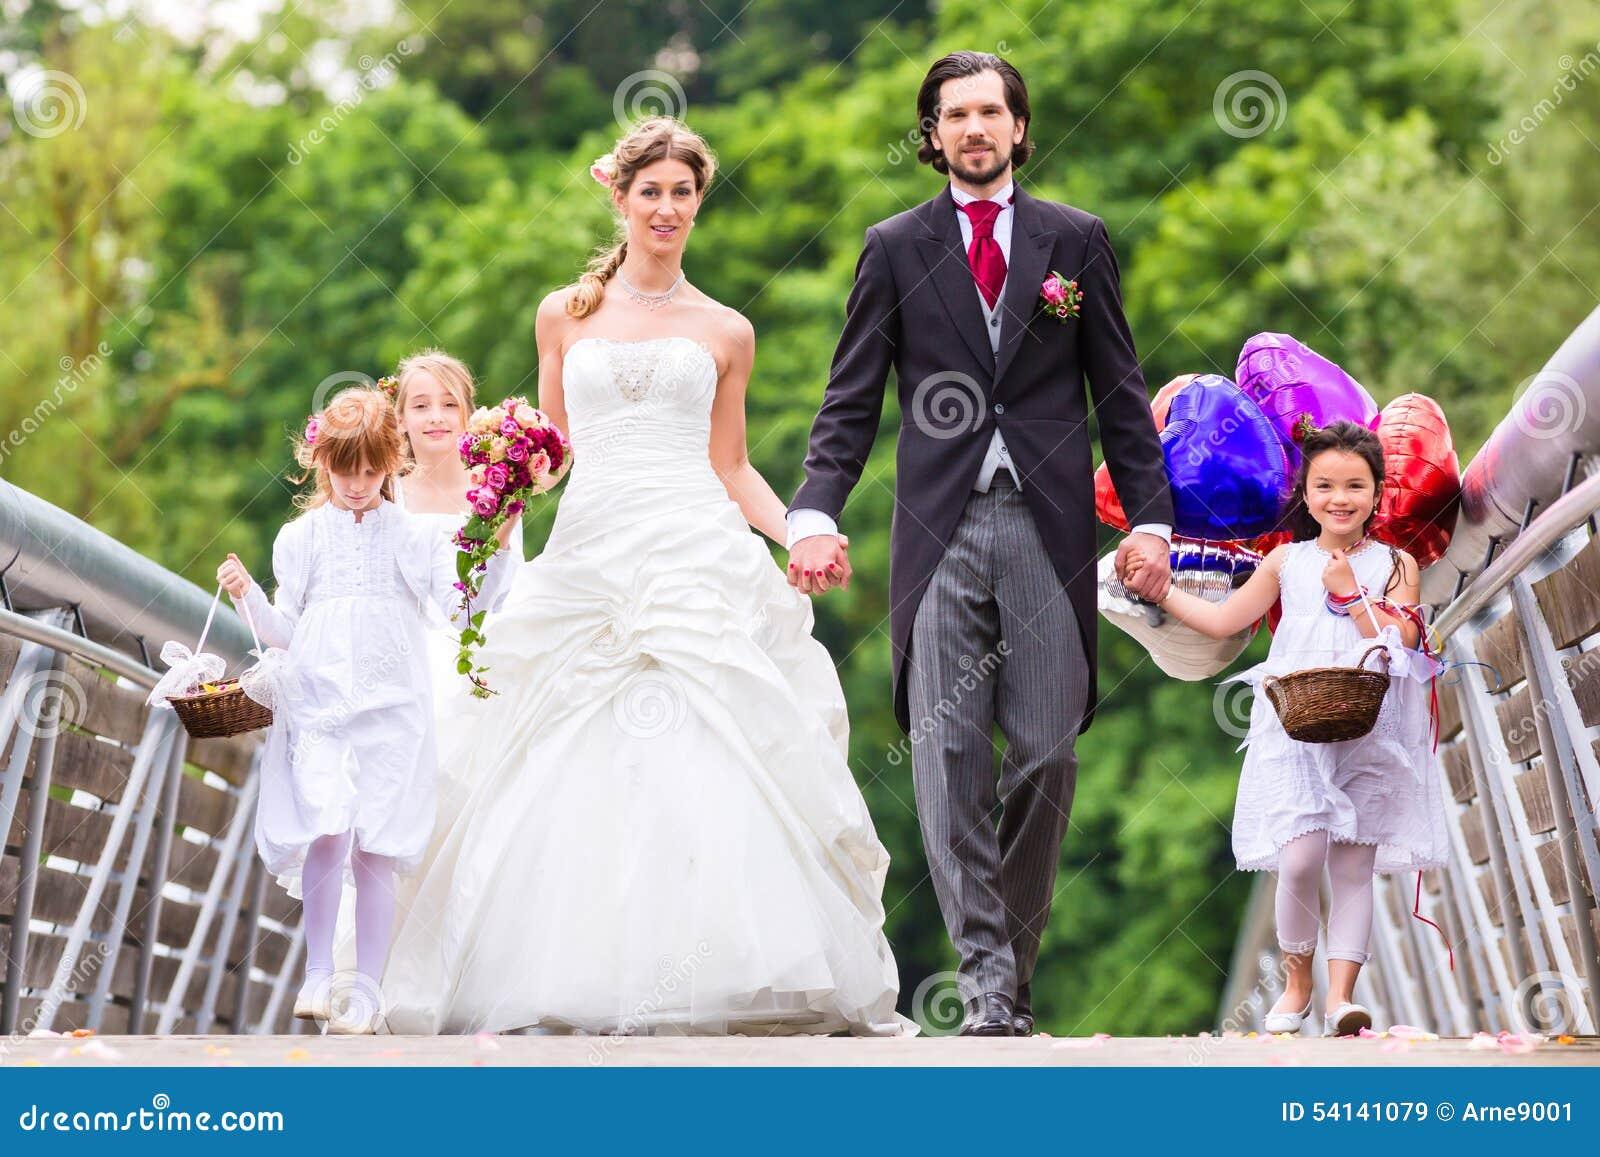 Hochzeitspaare mit Blumenkindern auf Brücke